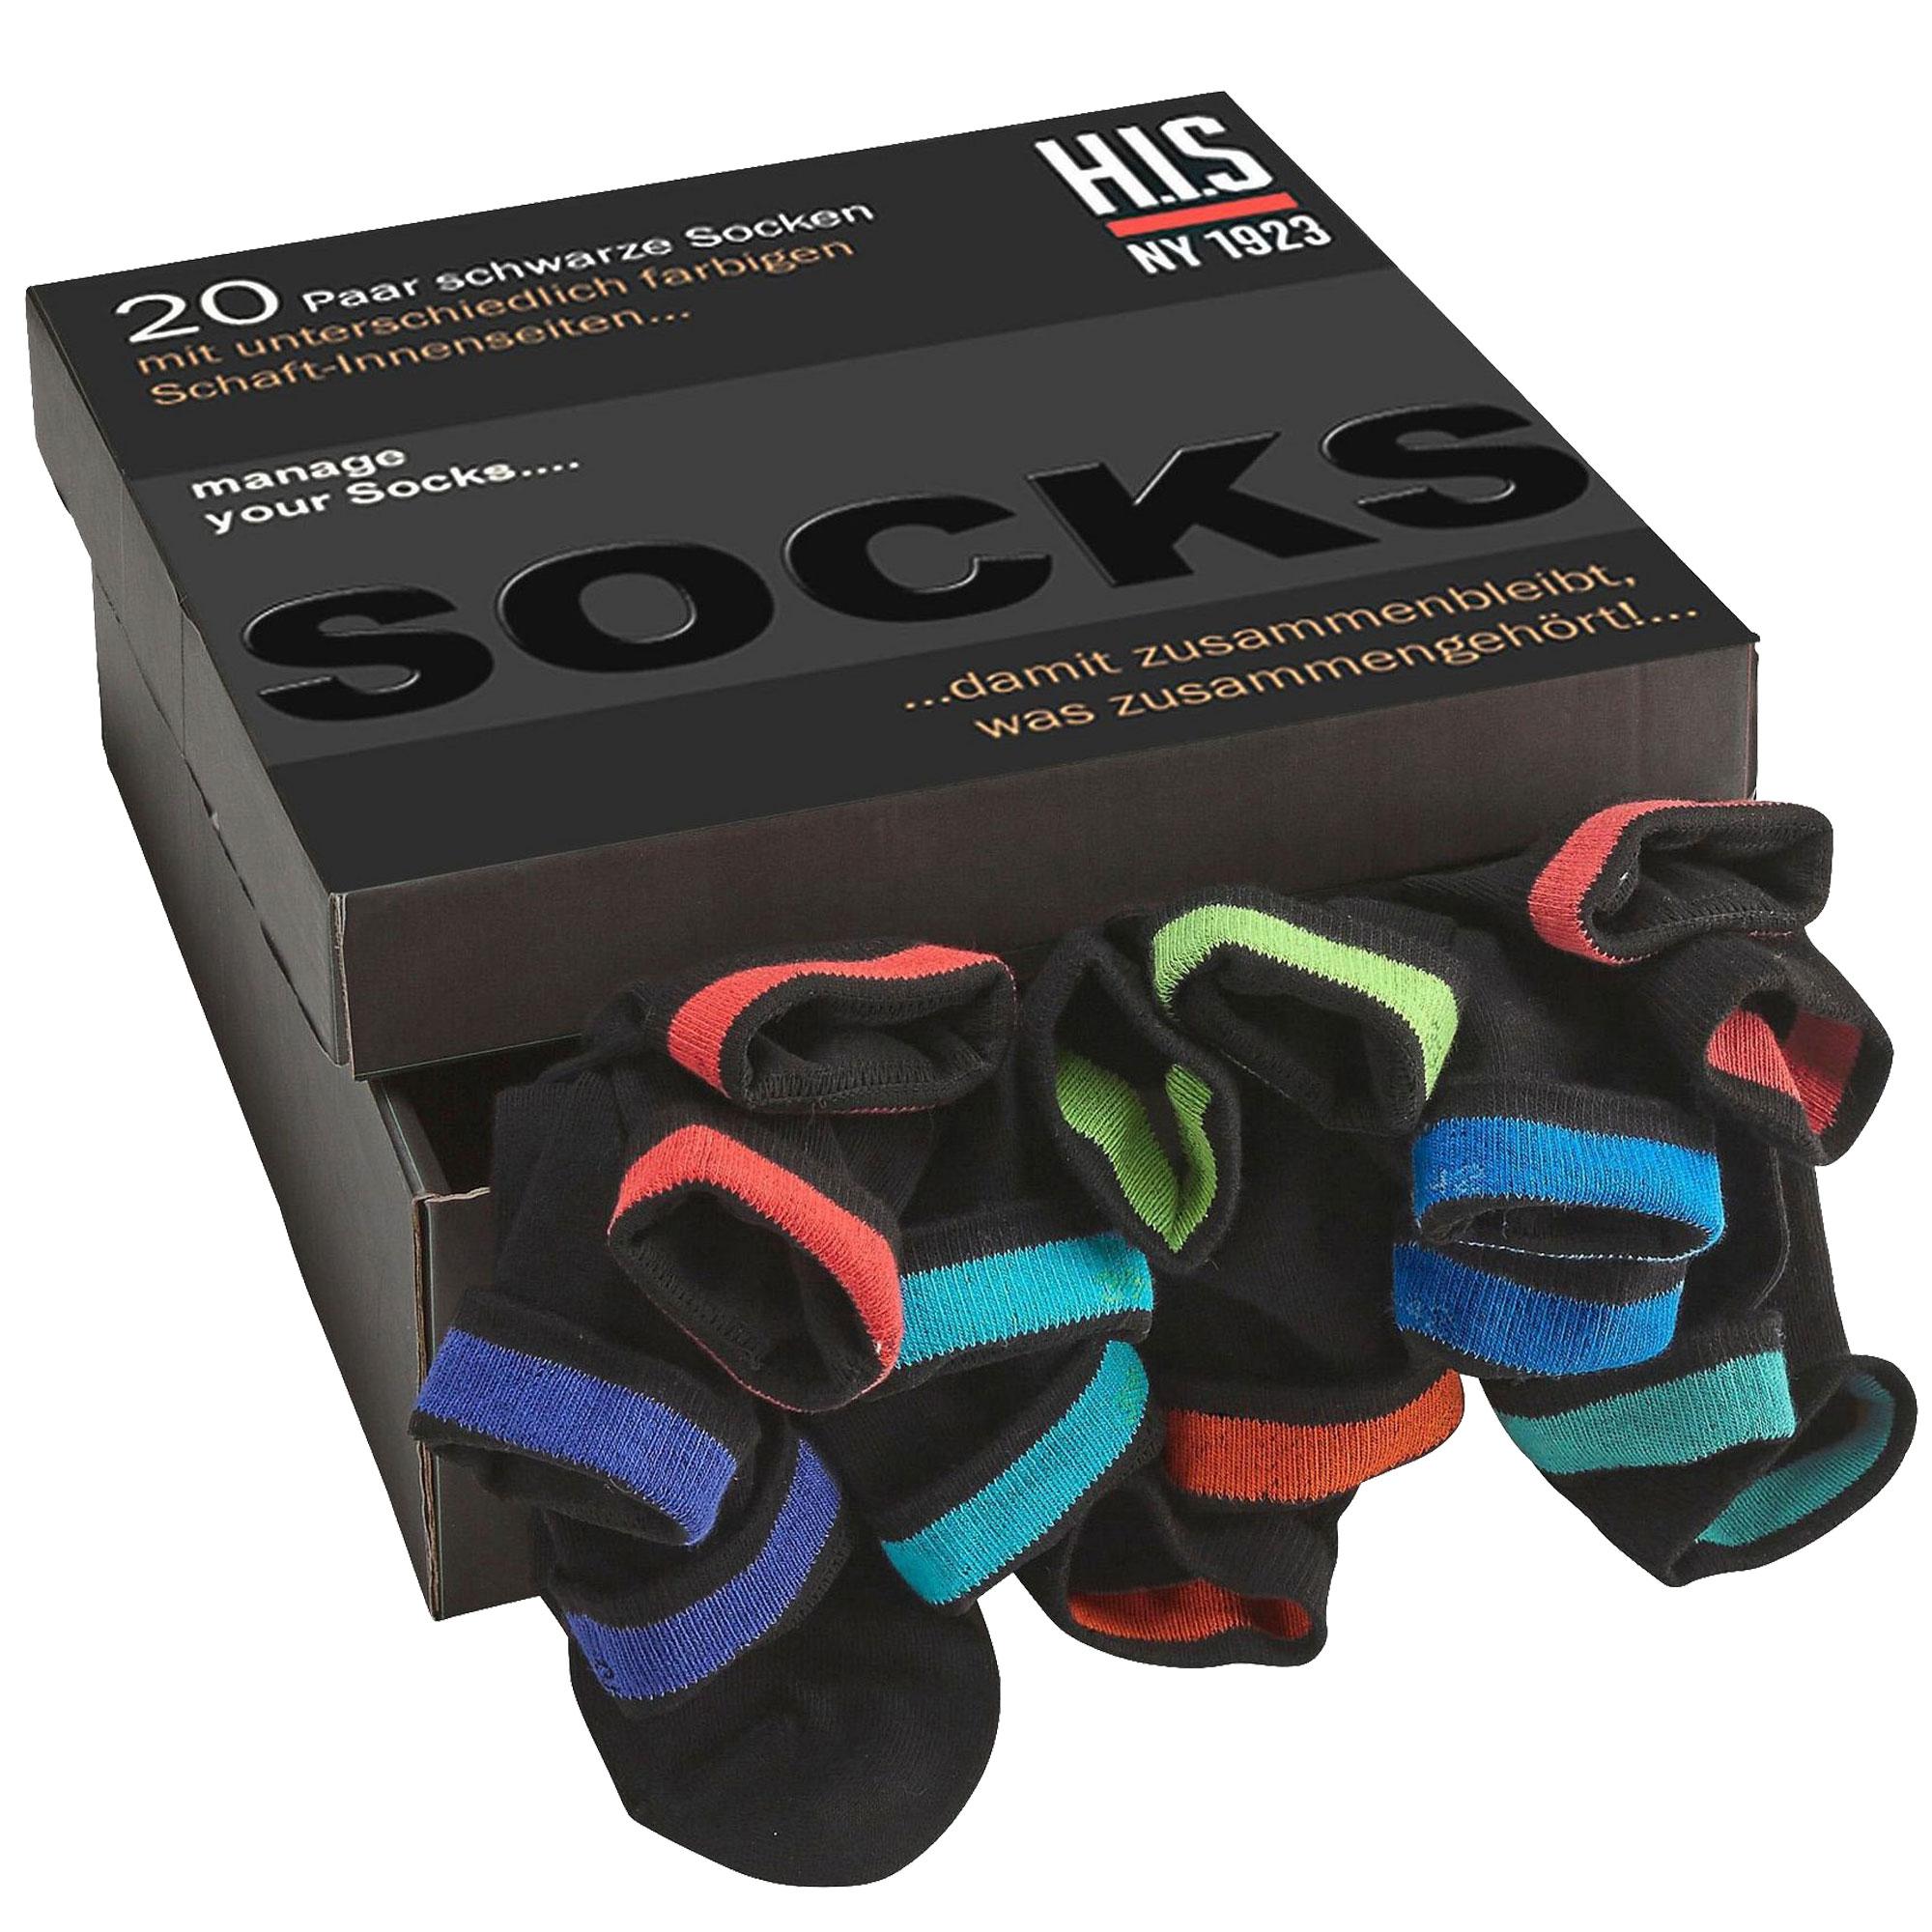 HIS Socken, Unisex, 20 Paar mit farbigem Bündchen – Bild 1